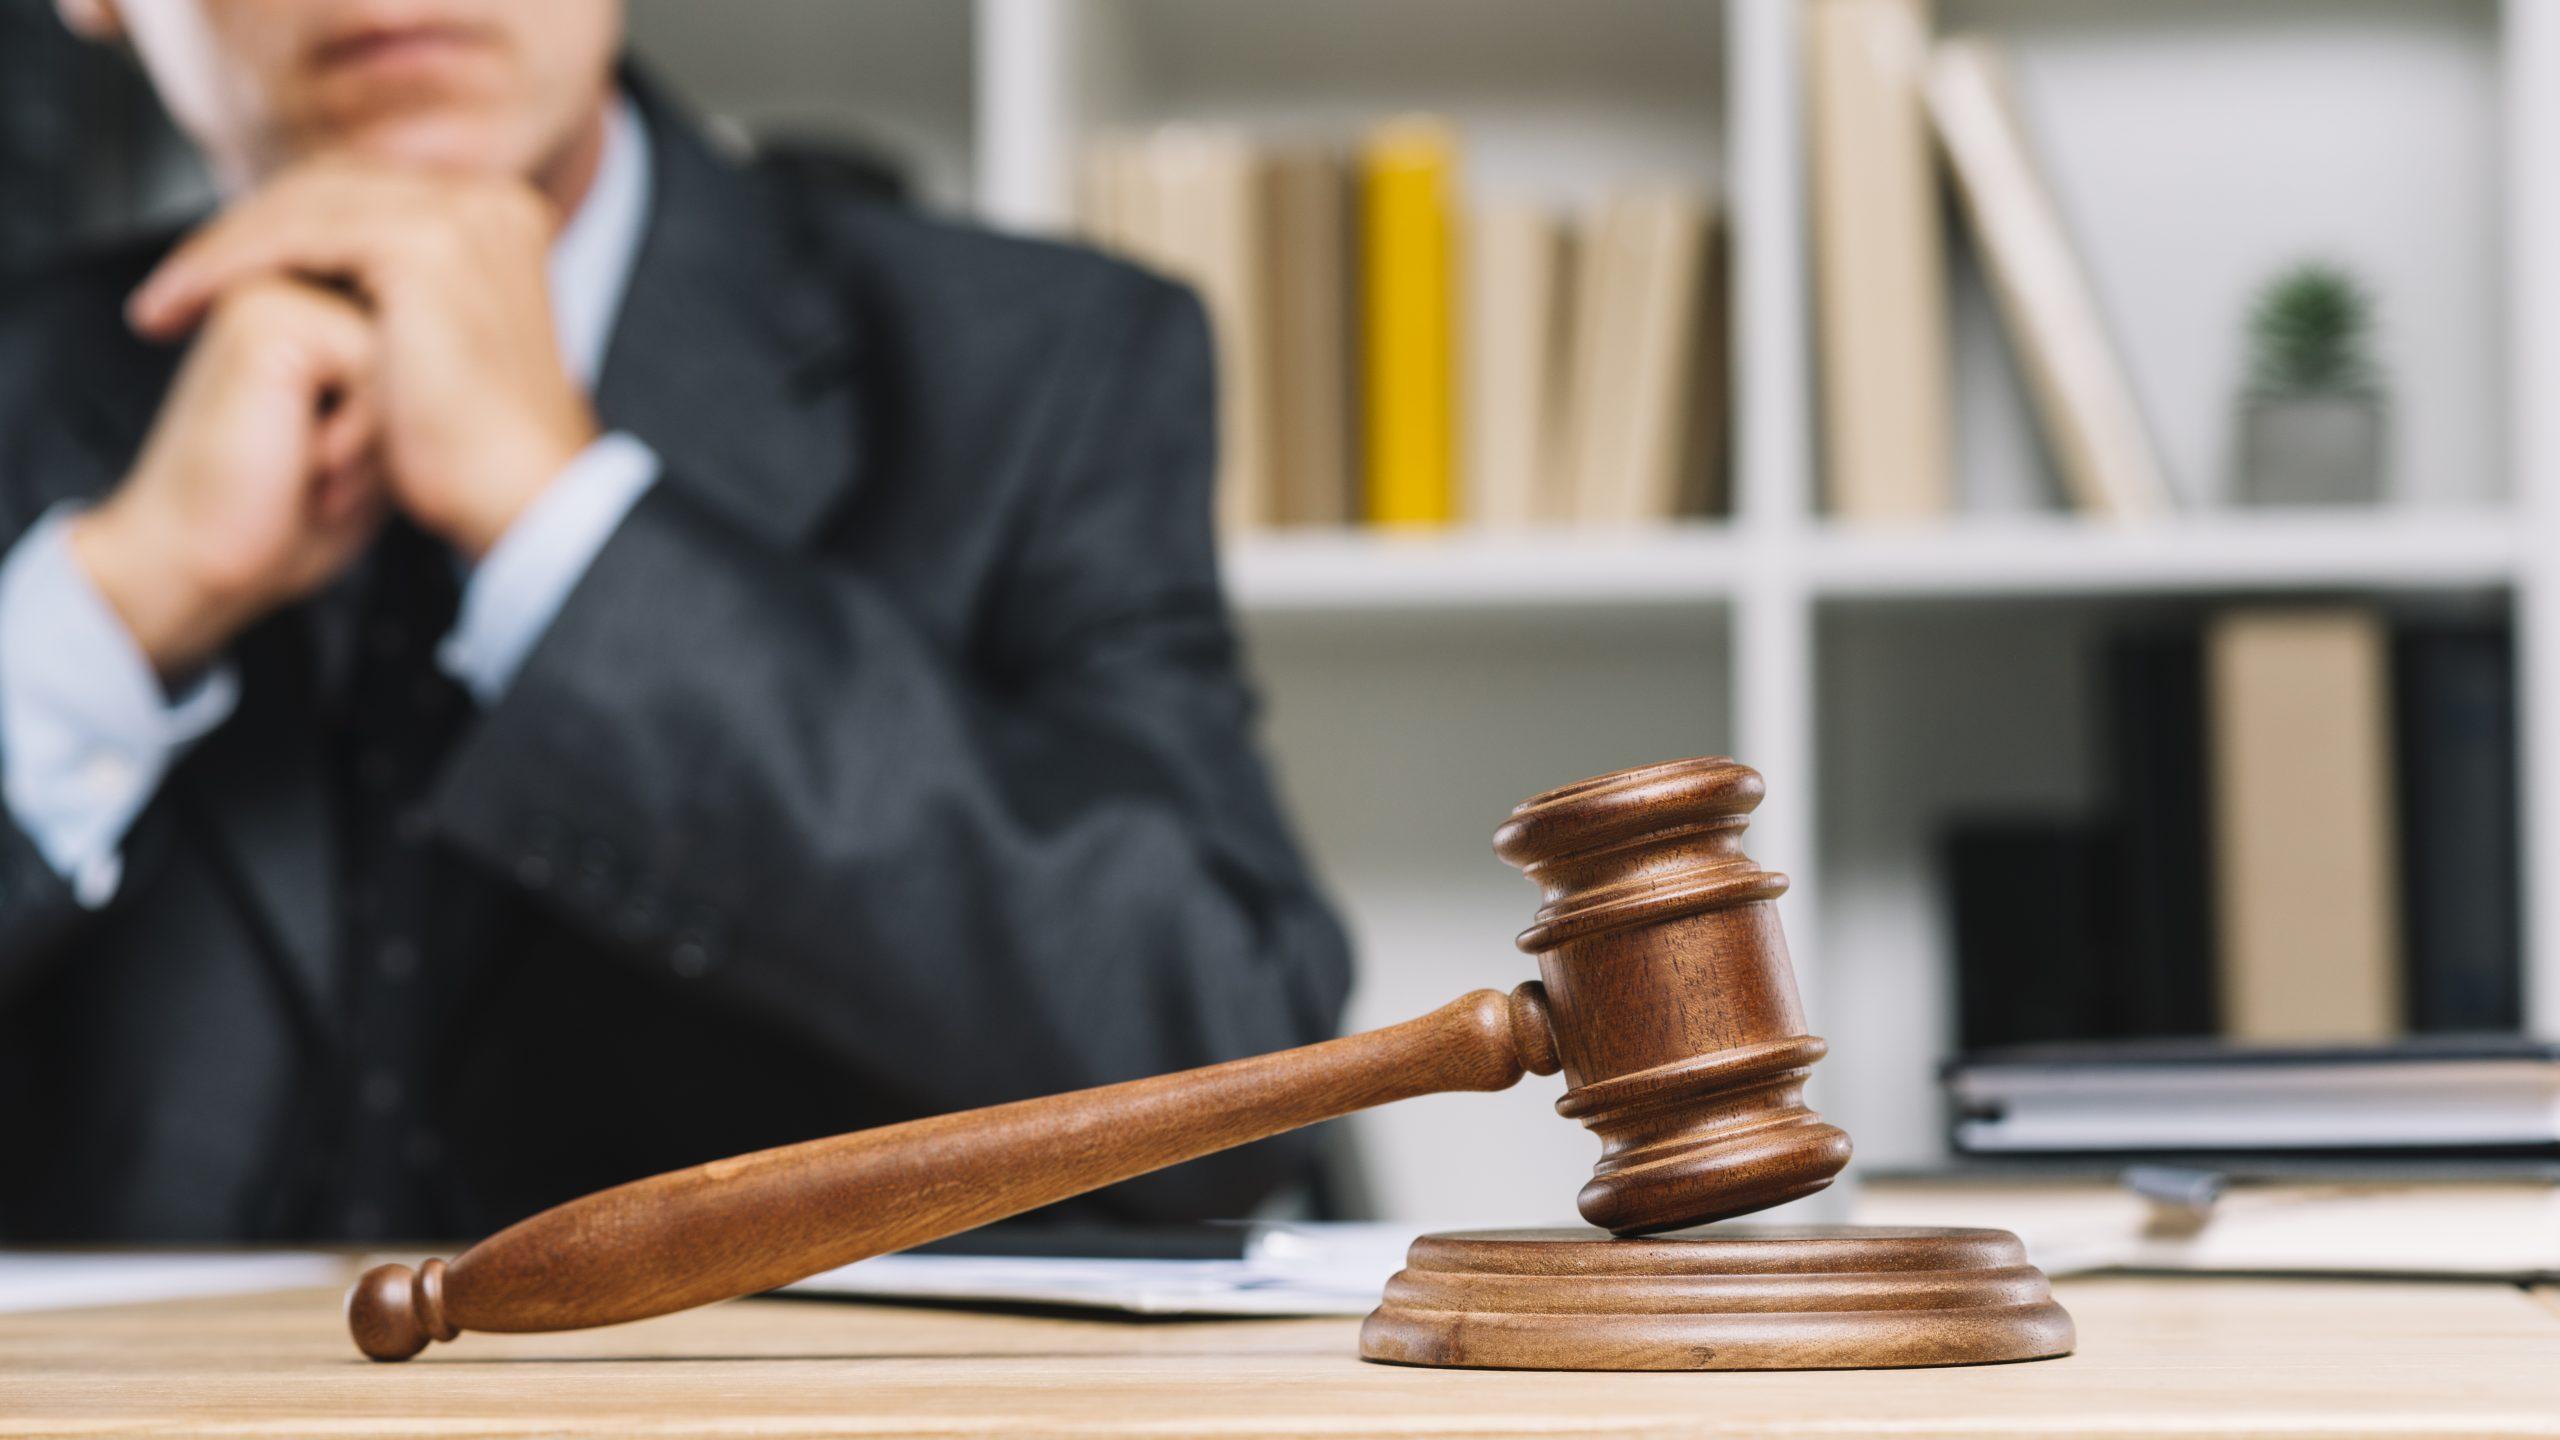 De rol van het slachtoffer in het strafprocesrecht